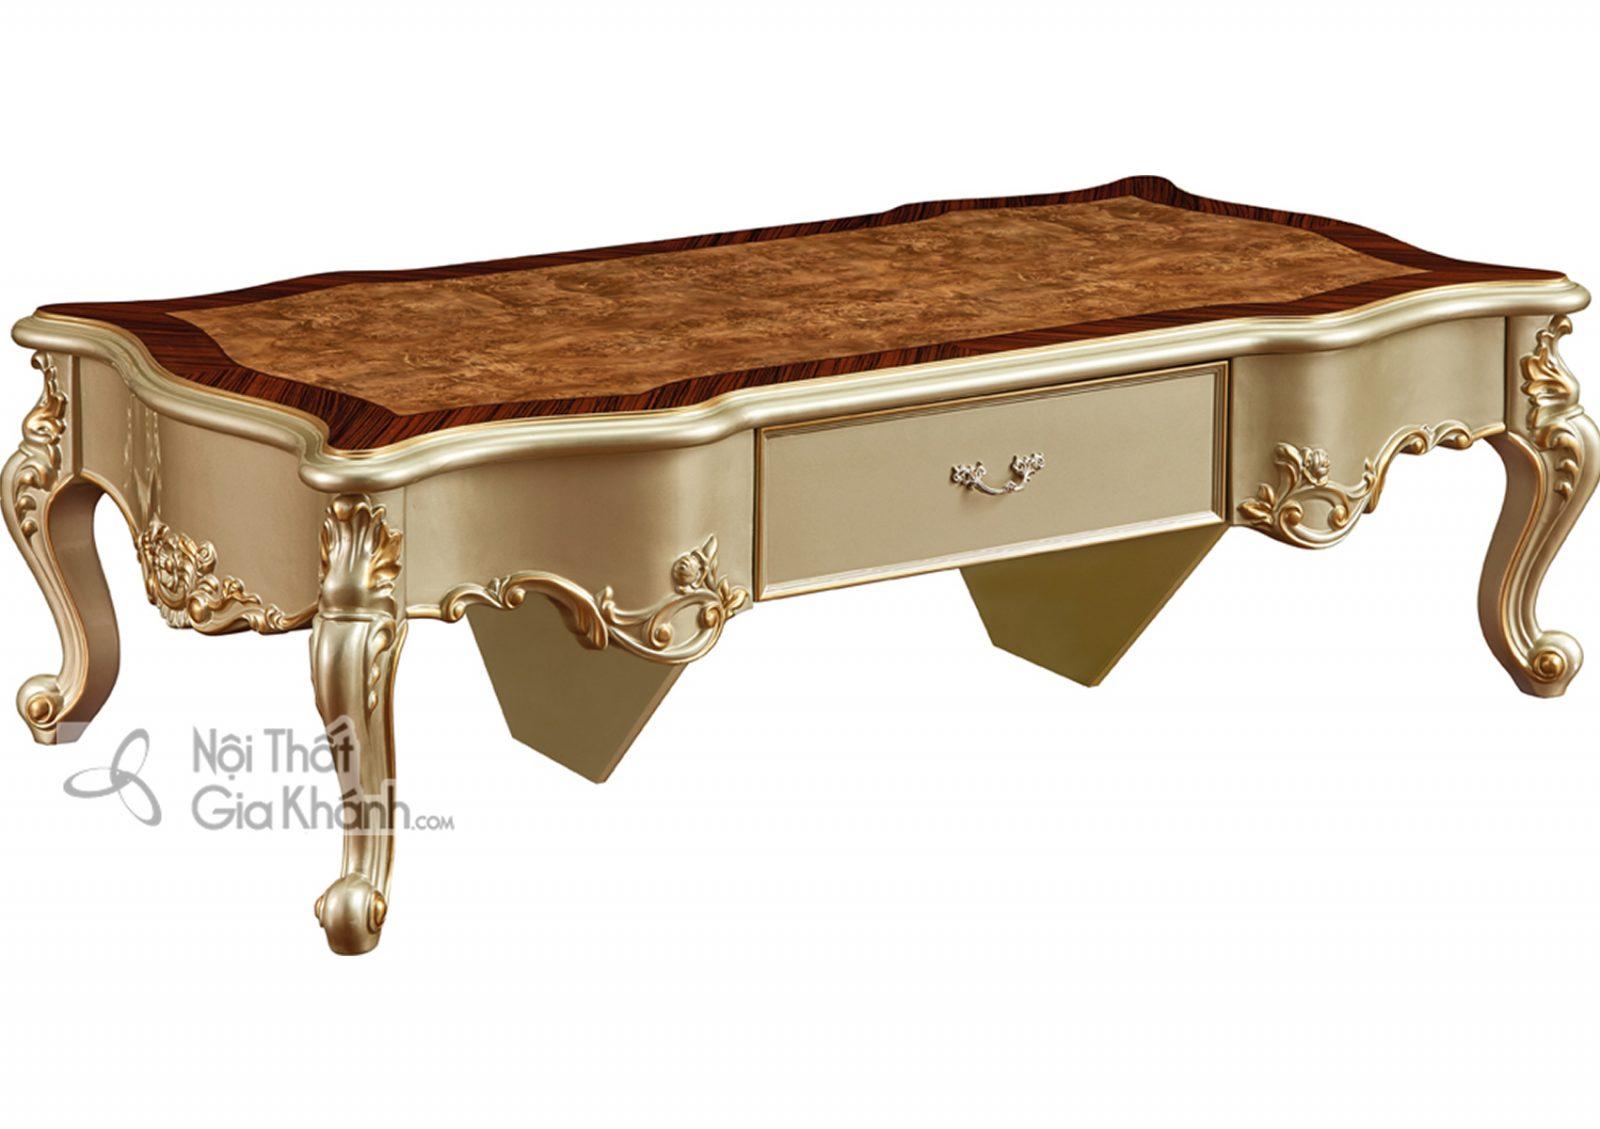 Bàn trà mặt gỗ Tân cổ điển màu vàng rượu Sampanh BT8802A châu âu